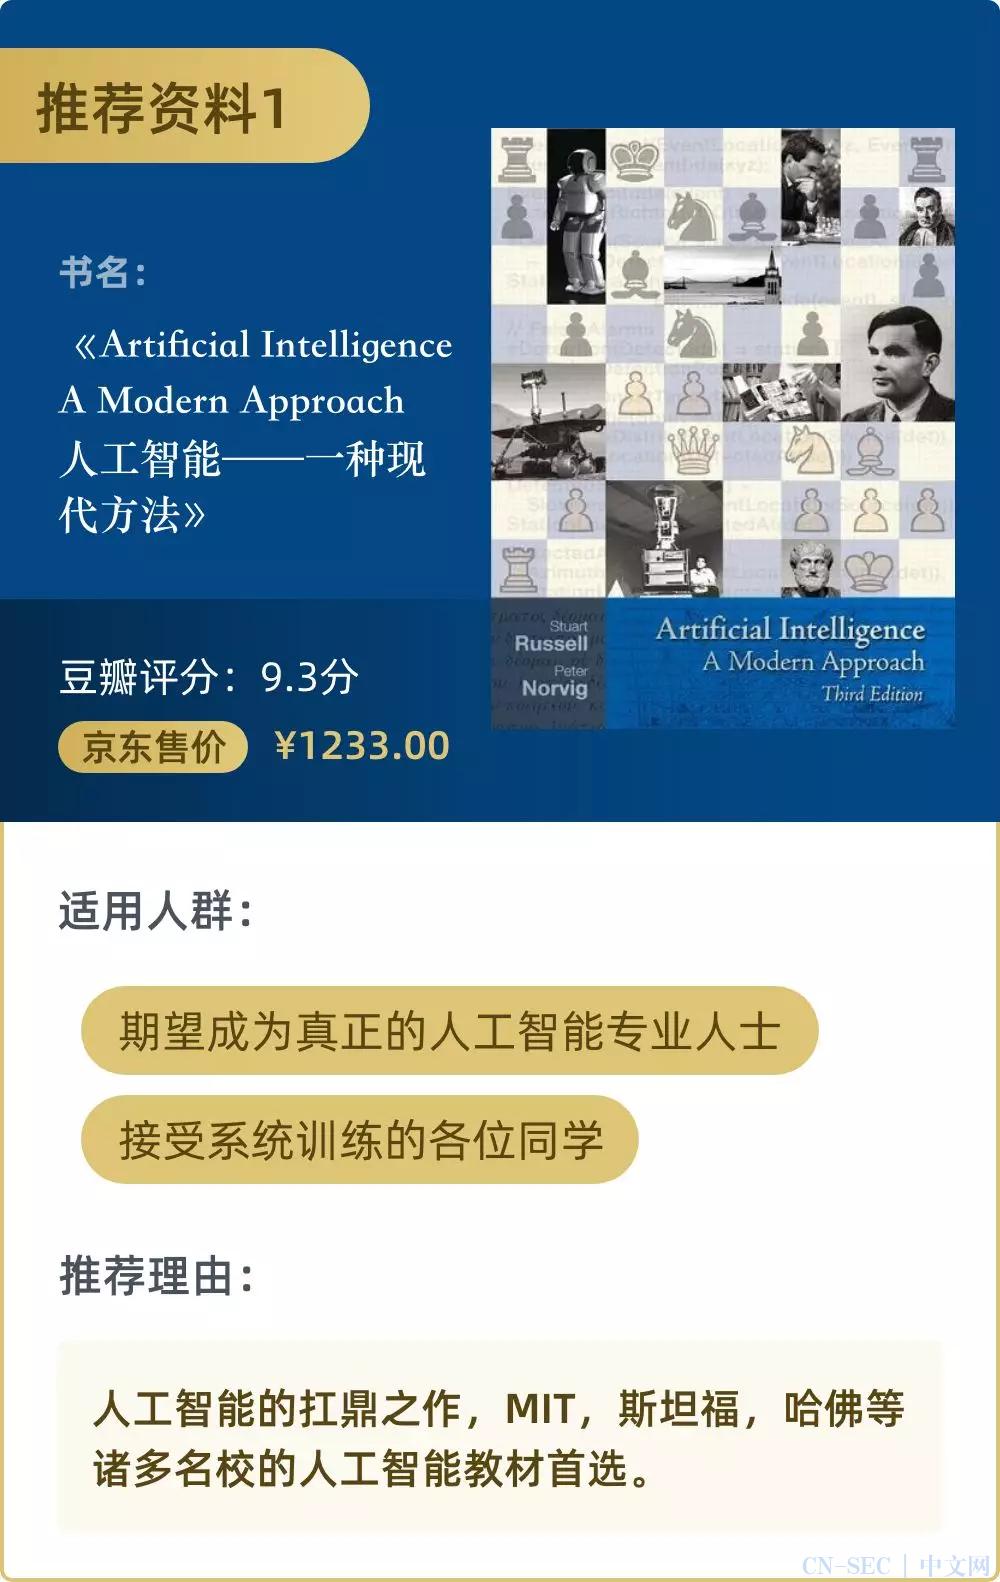 人工智能新手入门的学习路径与资料,免费给到你径!